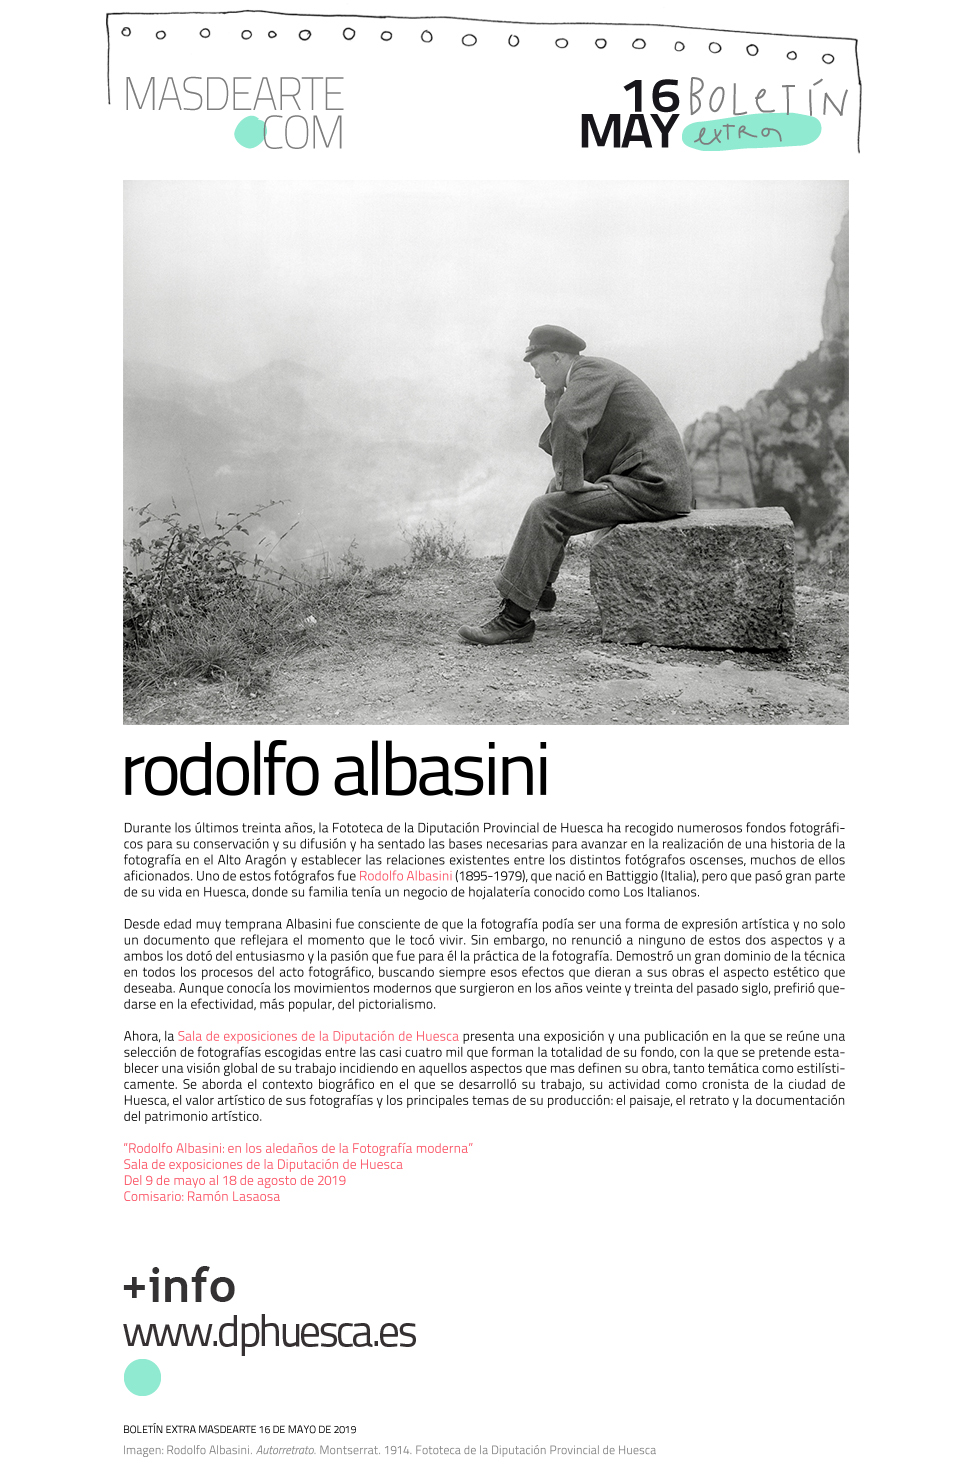 Rodolfo Albasini: en los aledaños de la Fotografía moderna. Sala de exposiciones de la Diputación de Huesca